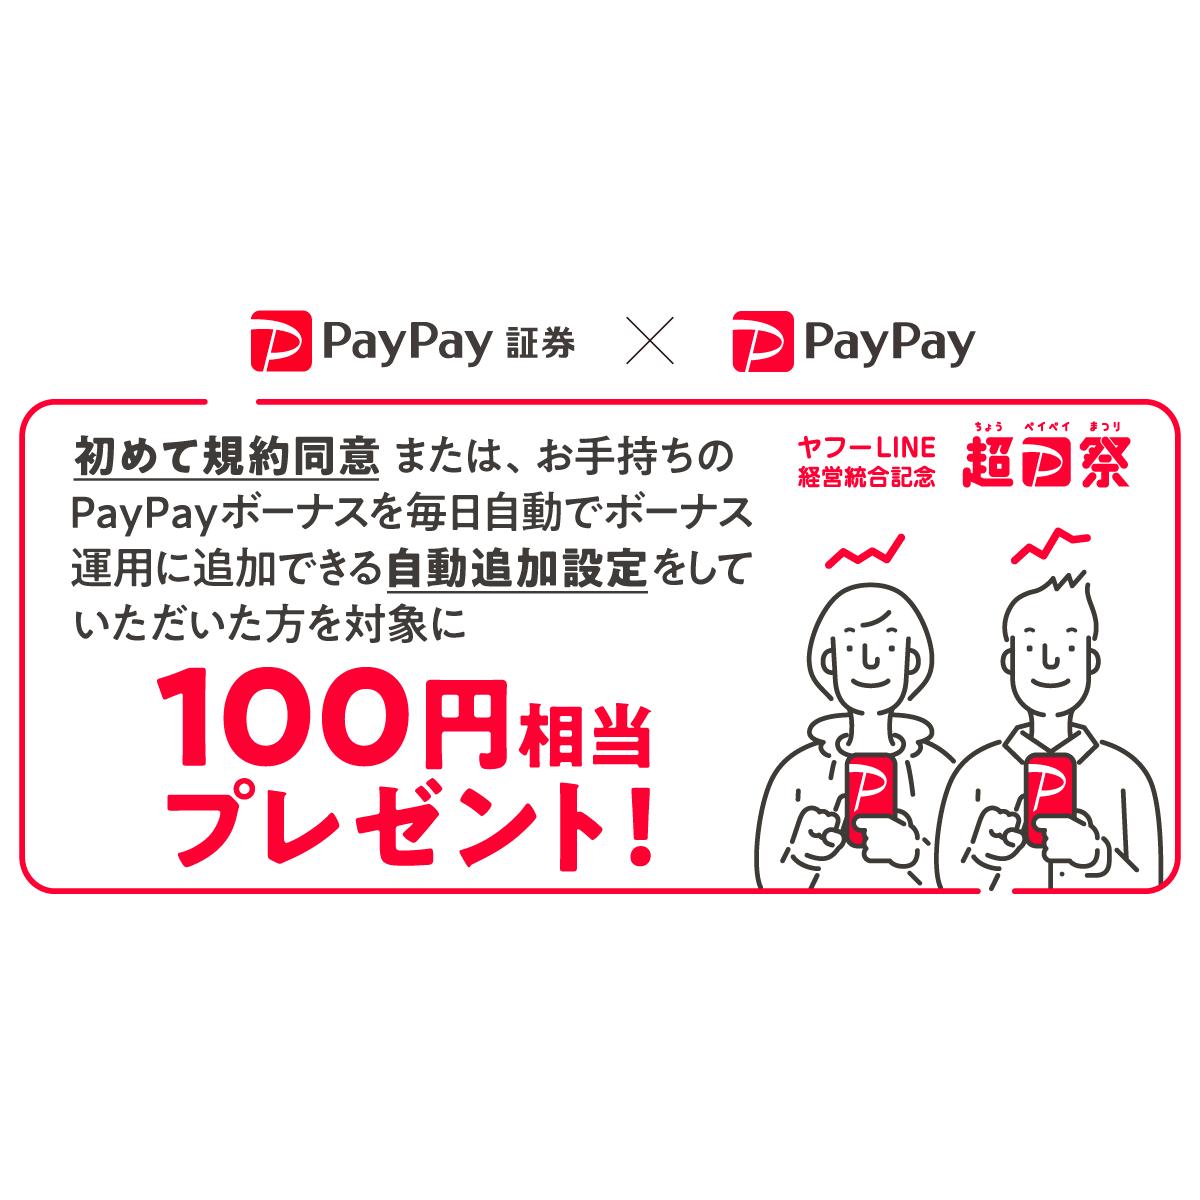 Paypay ボーナス 運用 と は